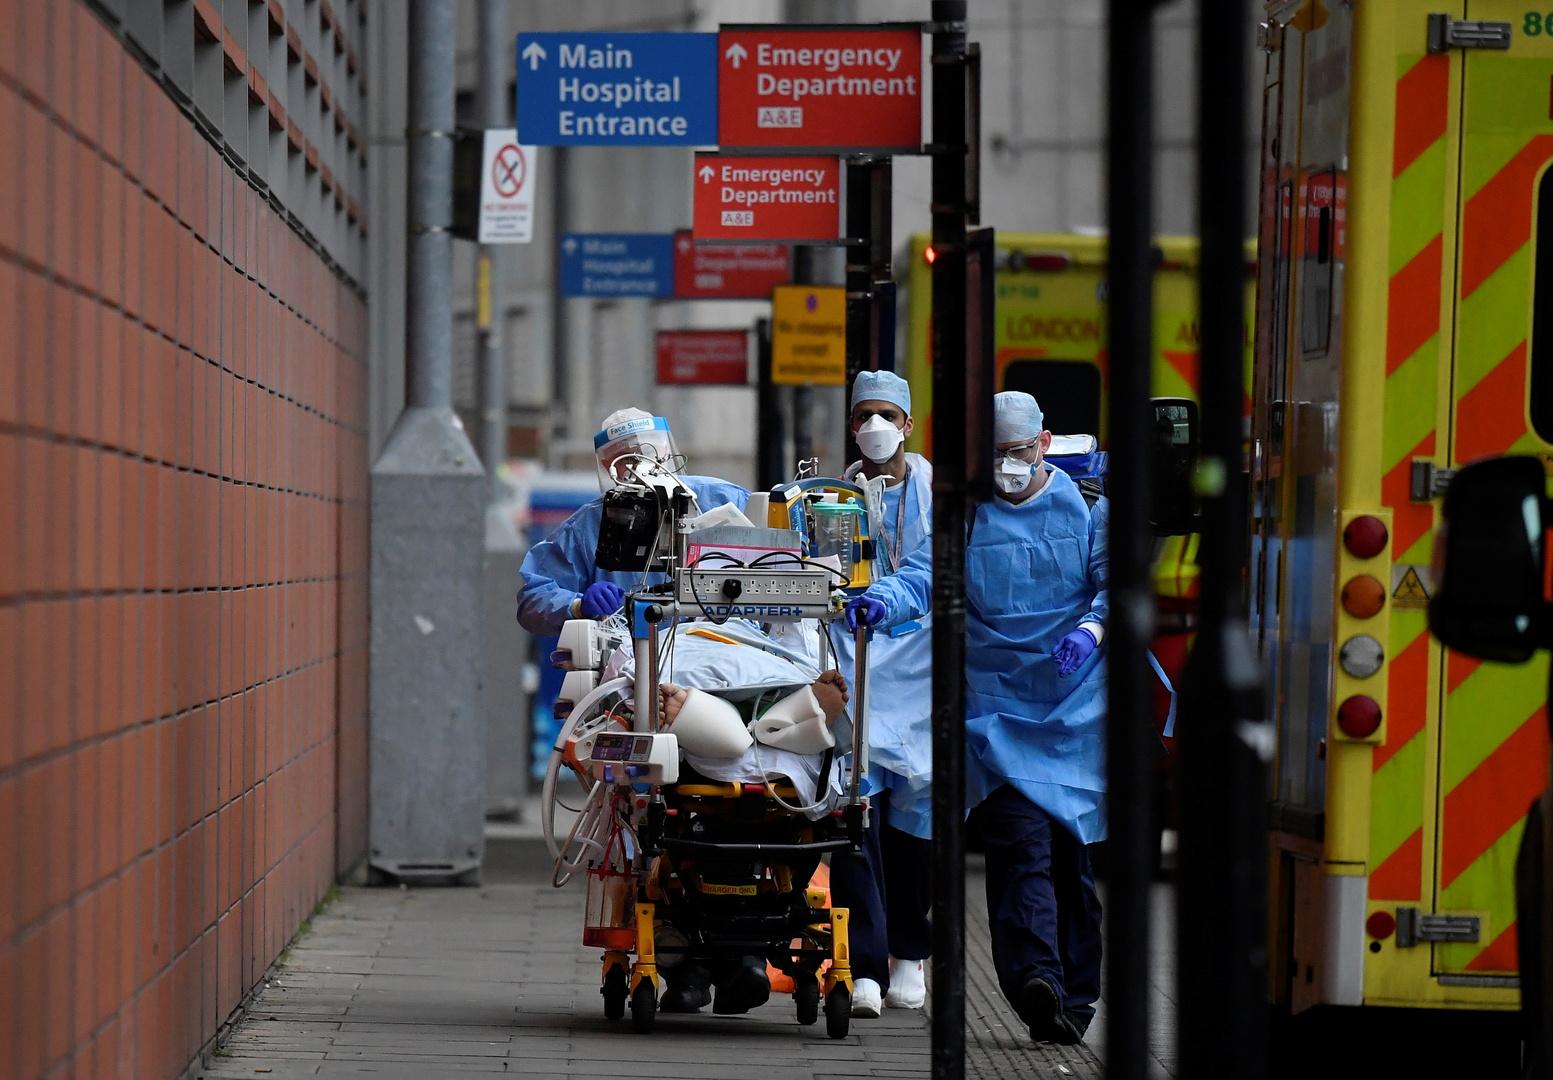 بريطانيا تسجل أدنى مستوى لإصابات كورونا الجديدة منذ شهرين مع تراجع ملحوظ للوفيات